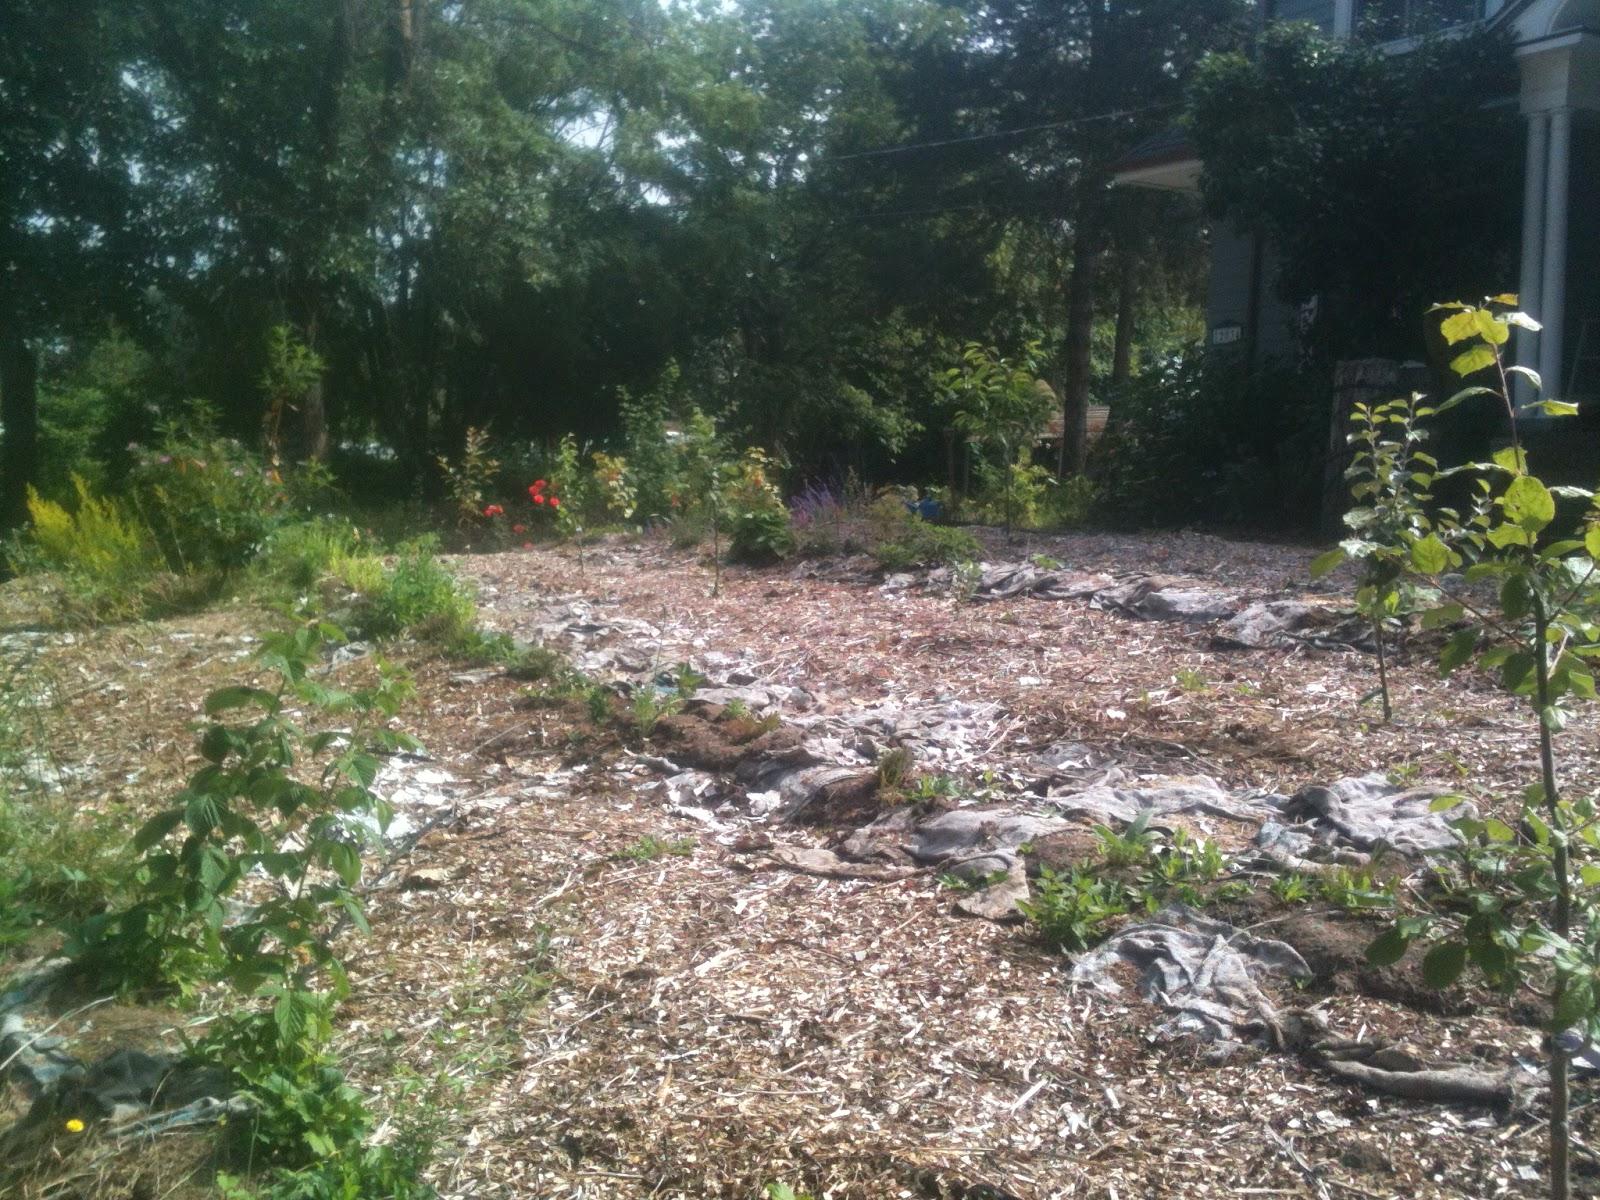 Several gardens farm lawn to garden conversion first summer for Garden conversion